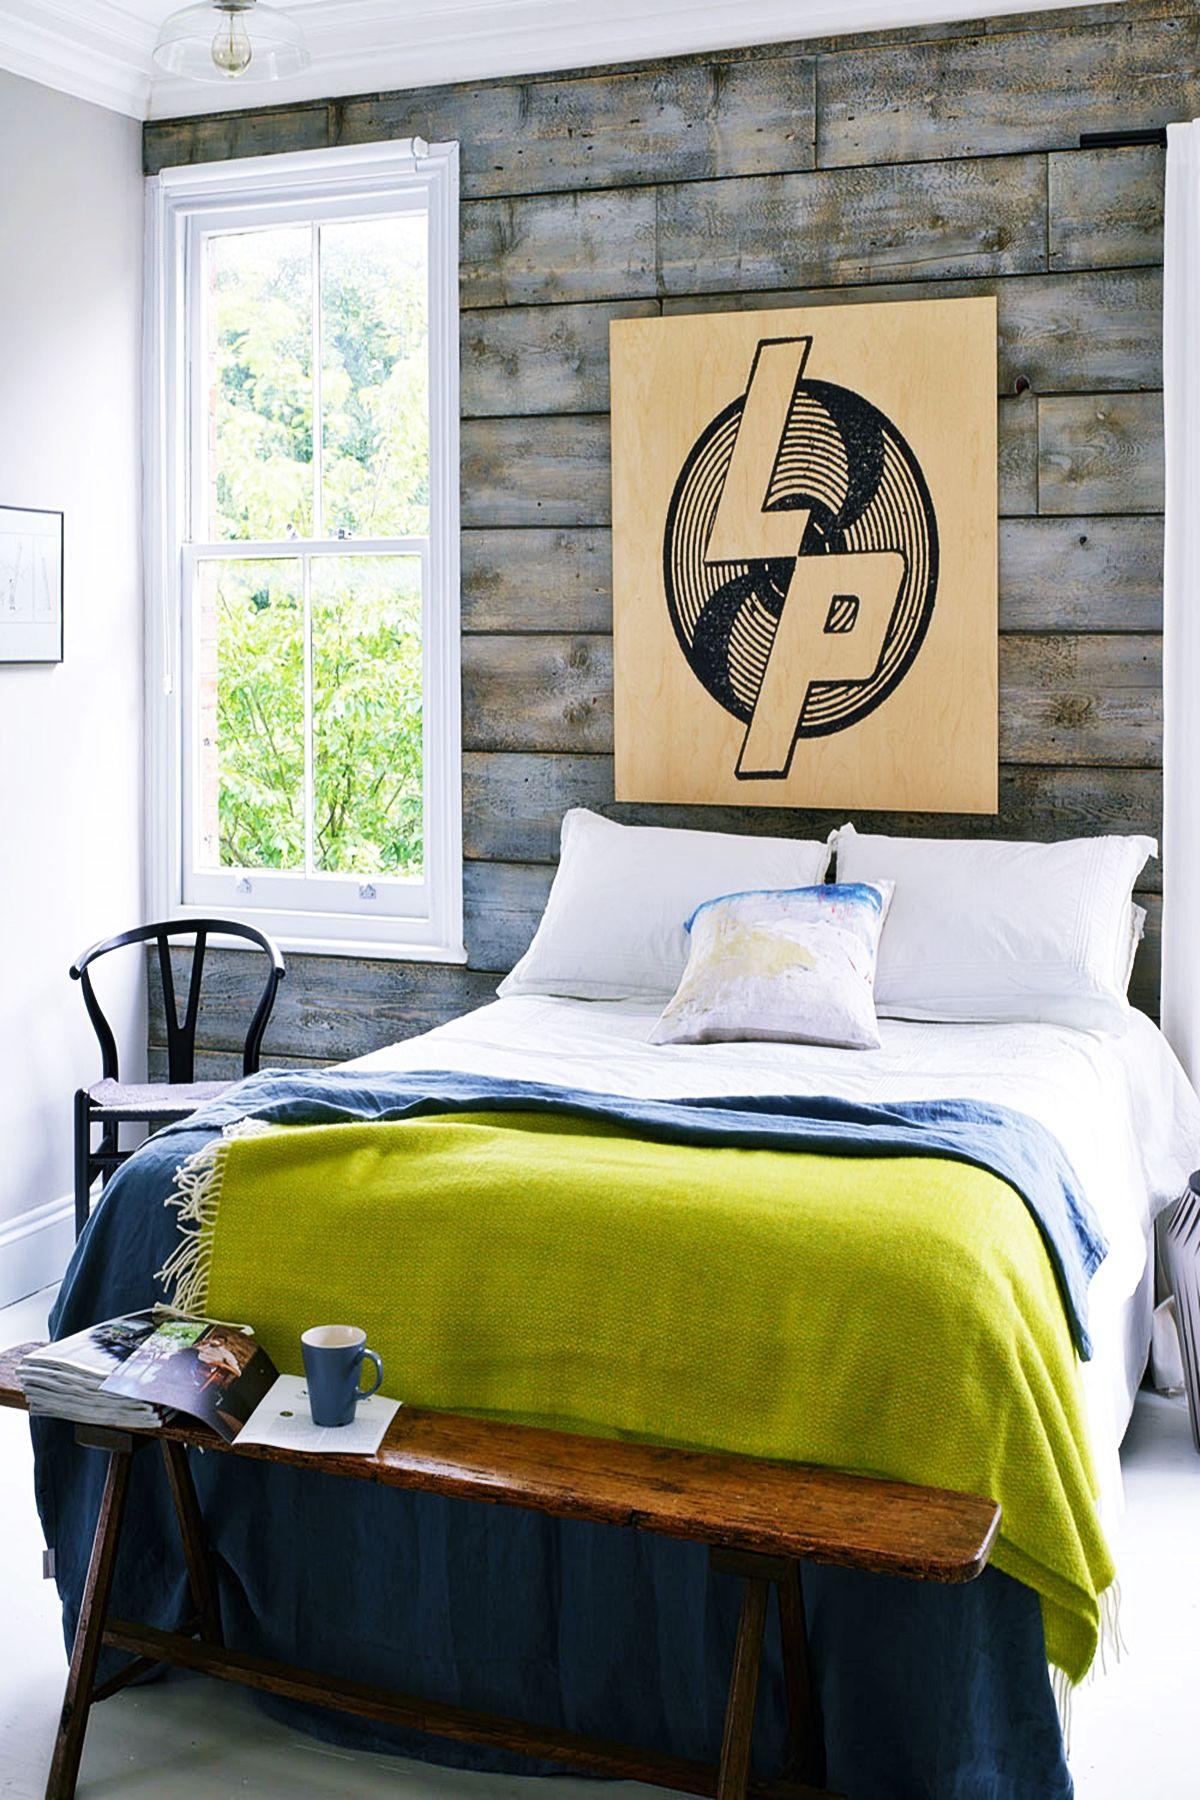 Boy Bedroom Ideas Uk Trends 2020 Cozy Small Bedrooms Remodel Bedroom Bedroom Layouts